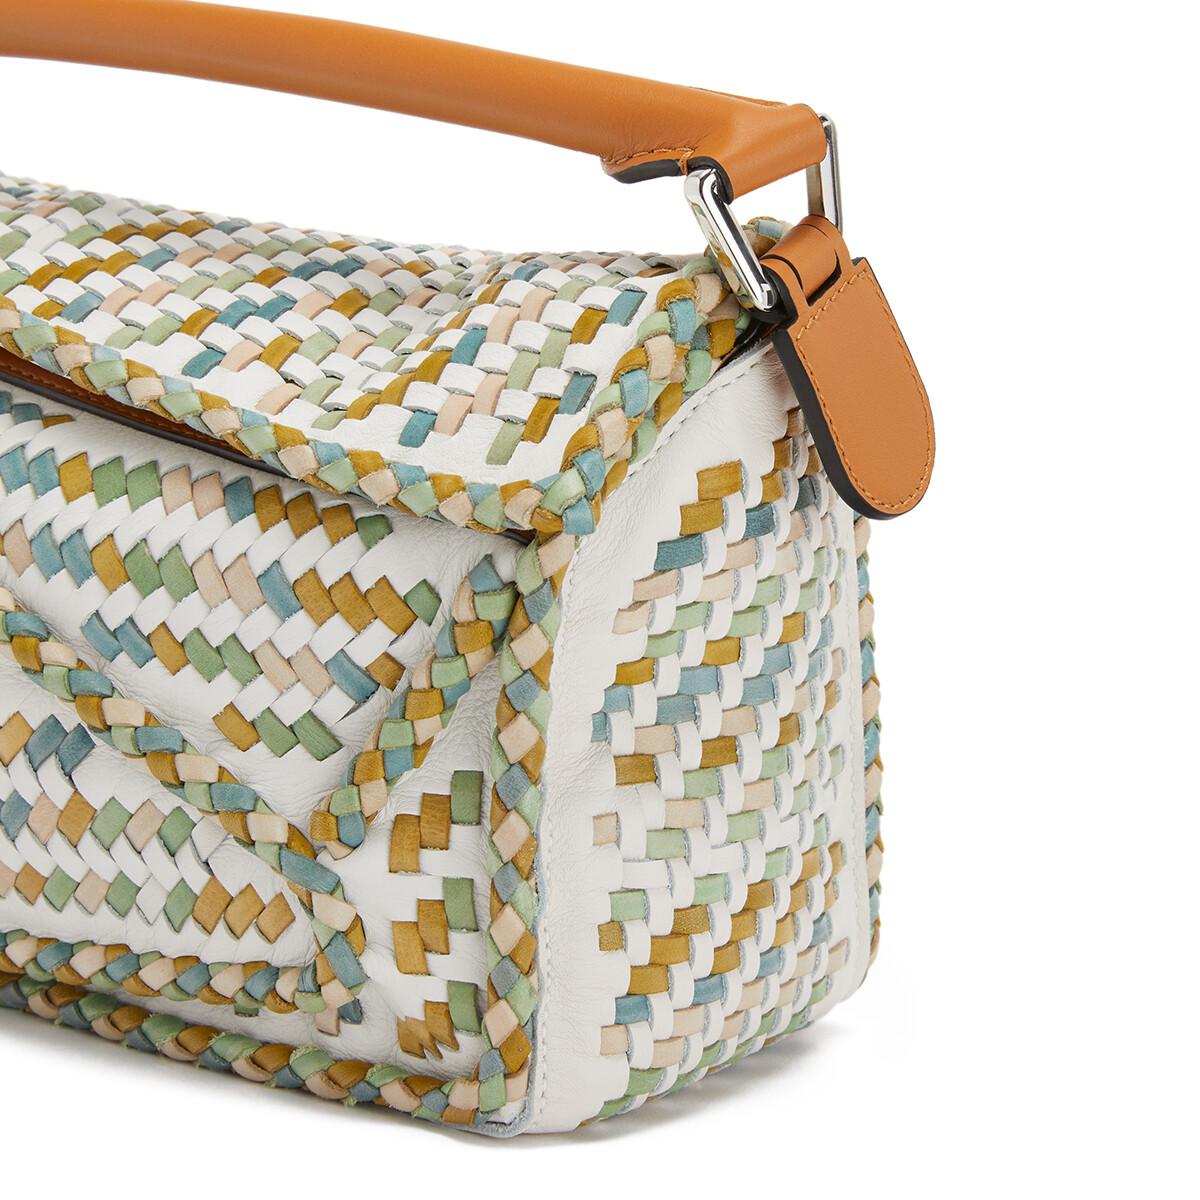 LOEWE Bolso Puzzle Woven Pequeño Miel/Multicolor front